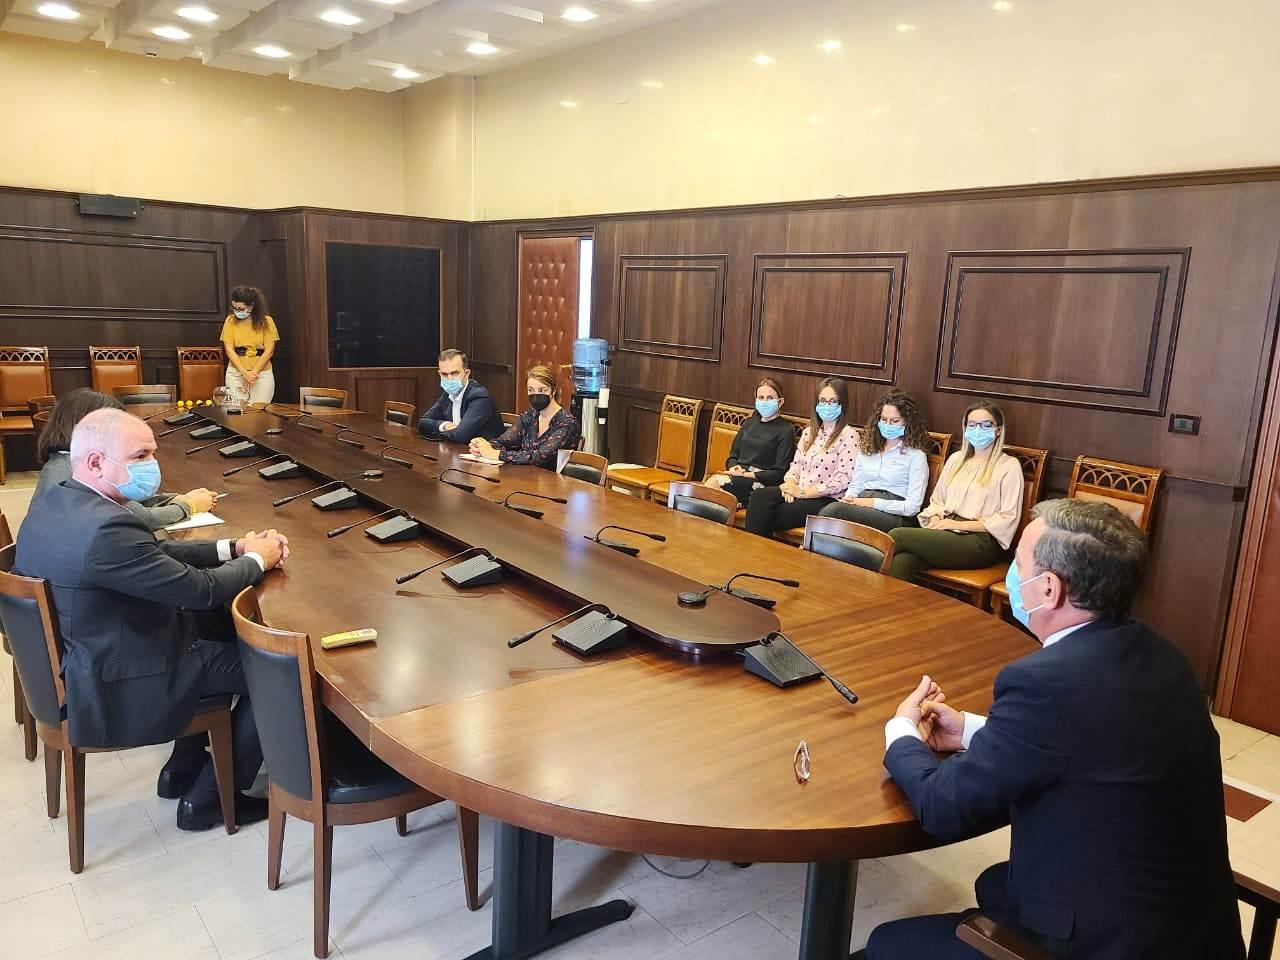 Hedhja e shortit për zgjedhjen e anëtarëve të Komisionit të Votimit që do të administrojnë procesin e votimit për zgjedhjen e anëtarëve të Këshillit të Lartë Gjyqësor